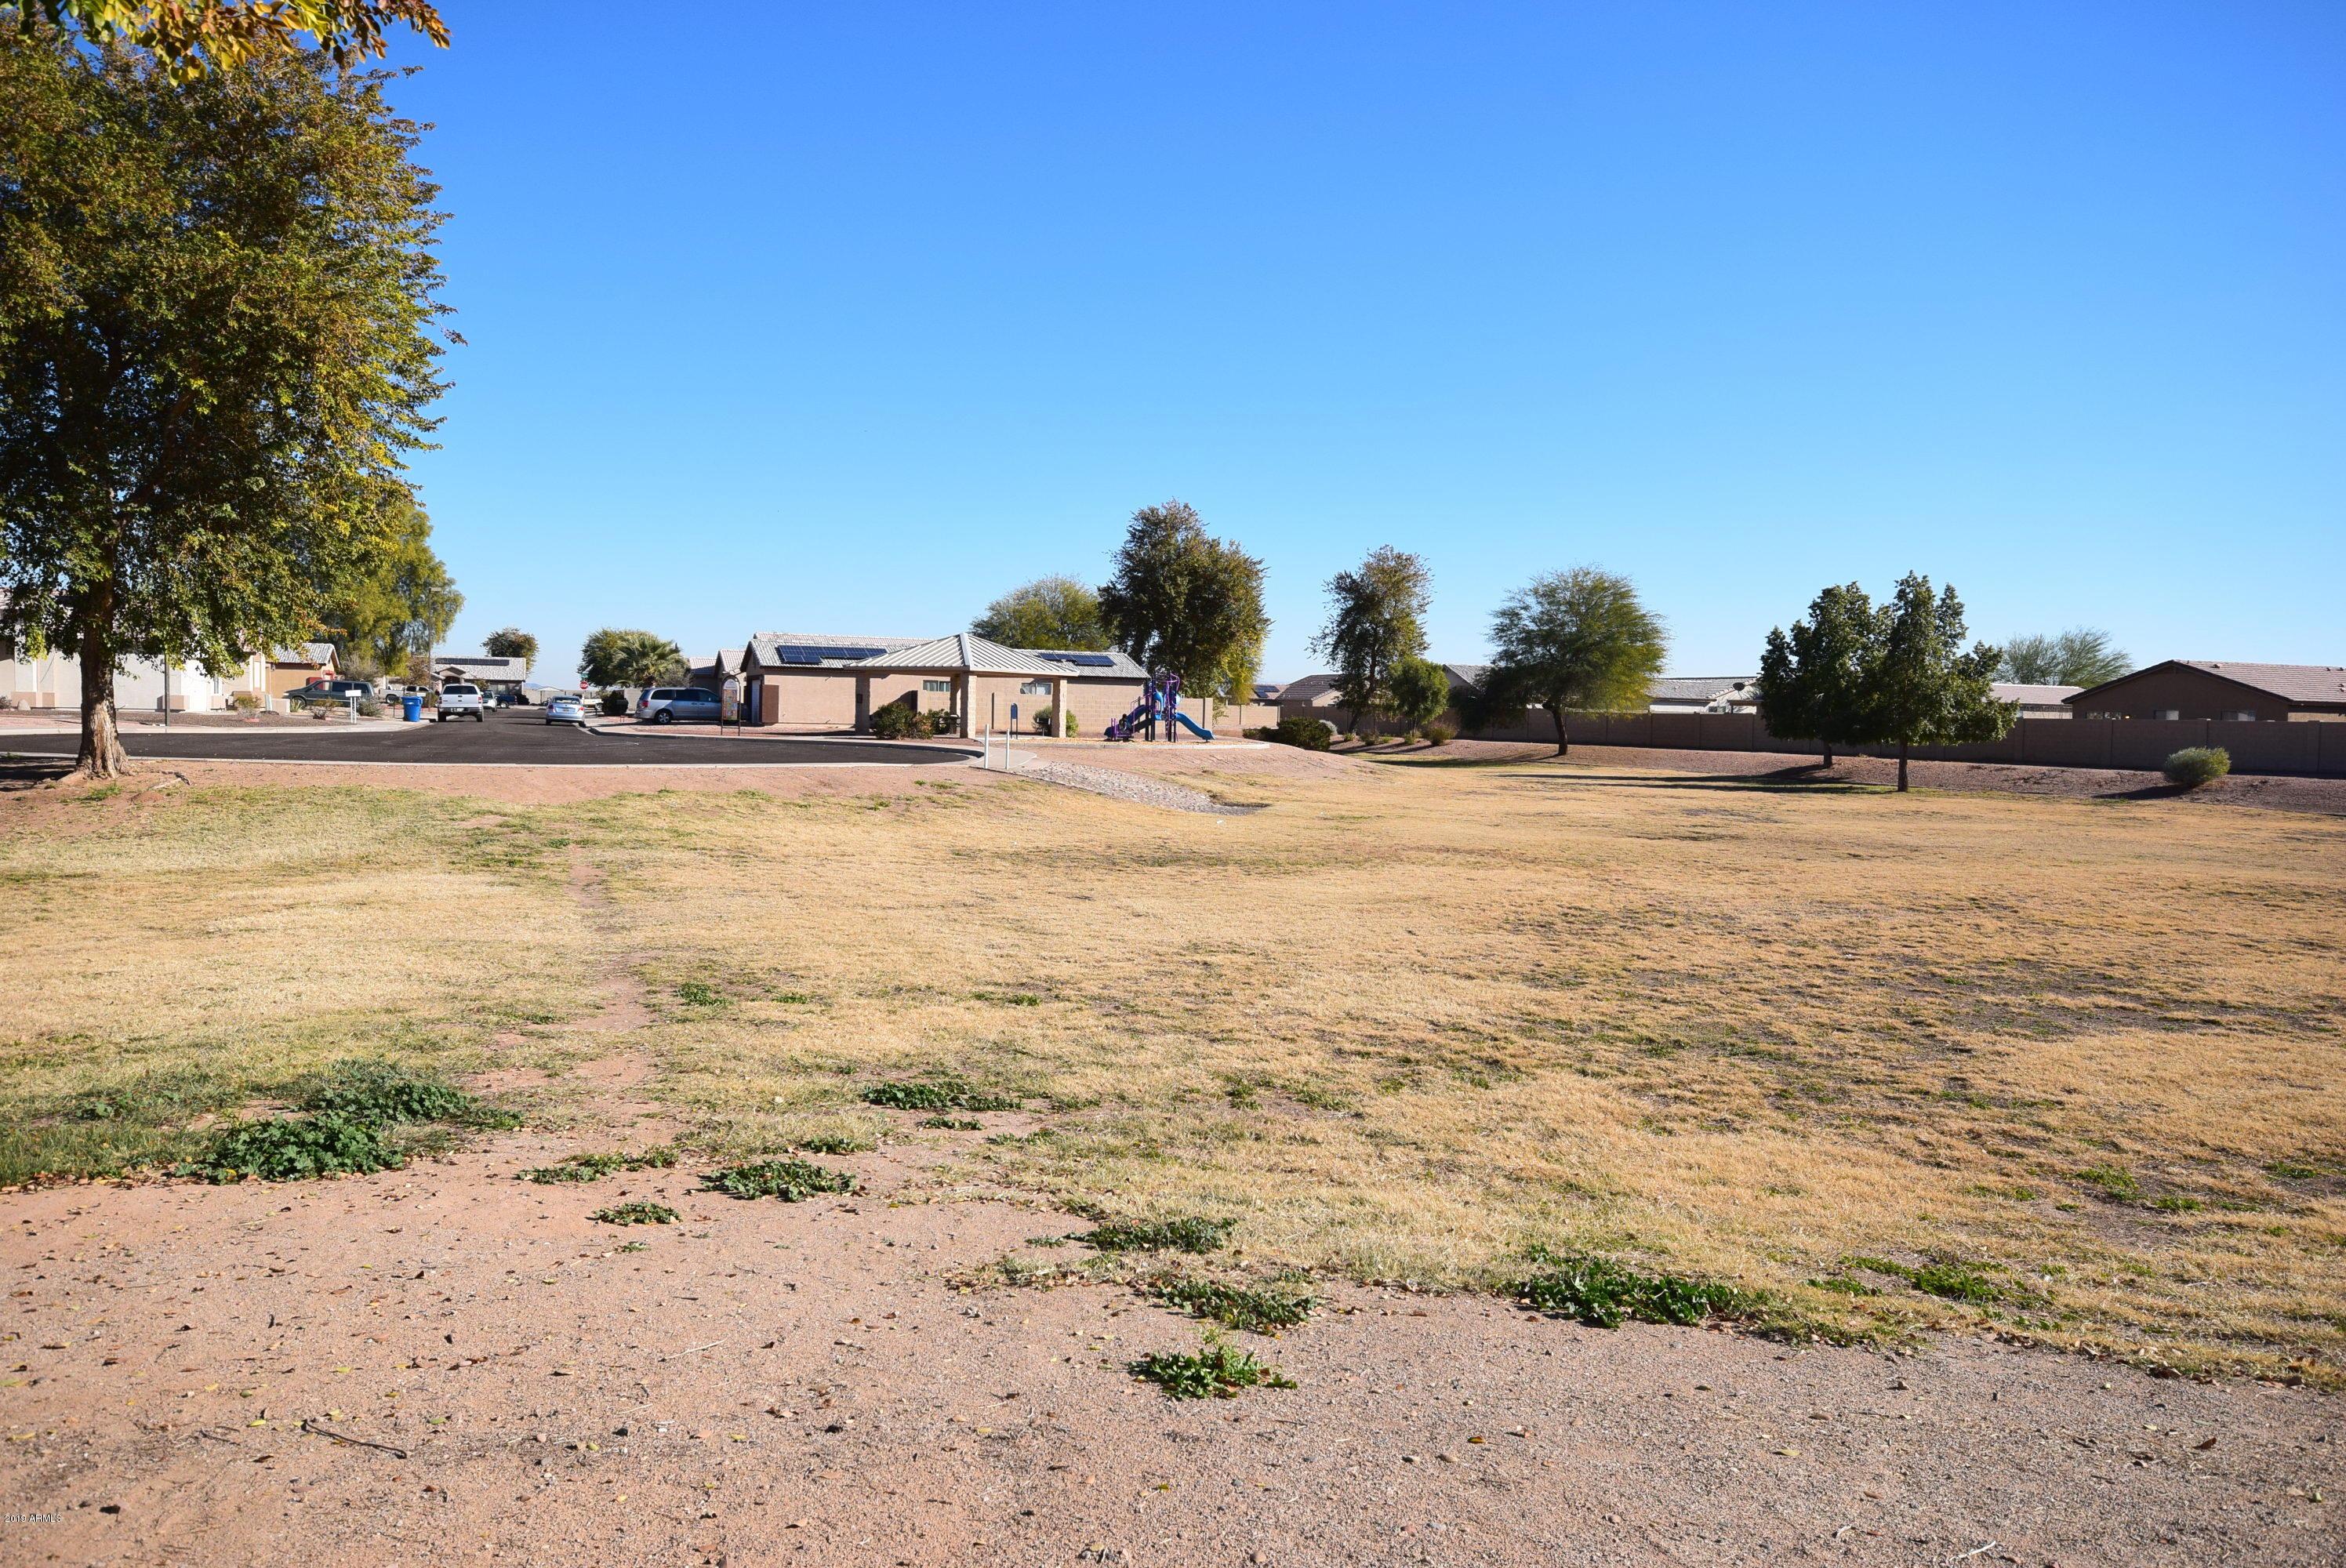 MLS 5874708 722 E MAHONEY Circle, Buckeye, AZ 85326 Buckeye AZ REO Bank Owned Foreclosure